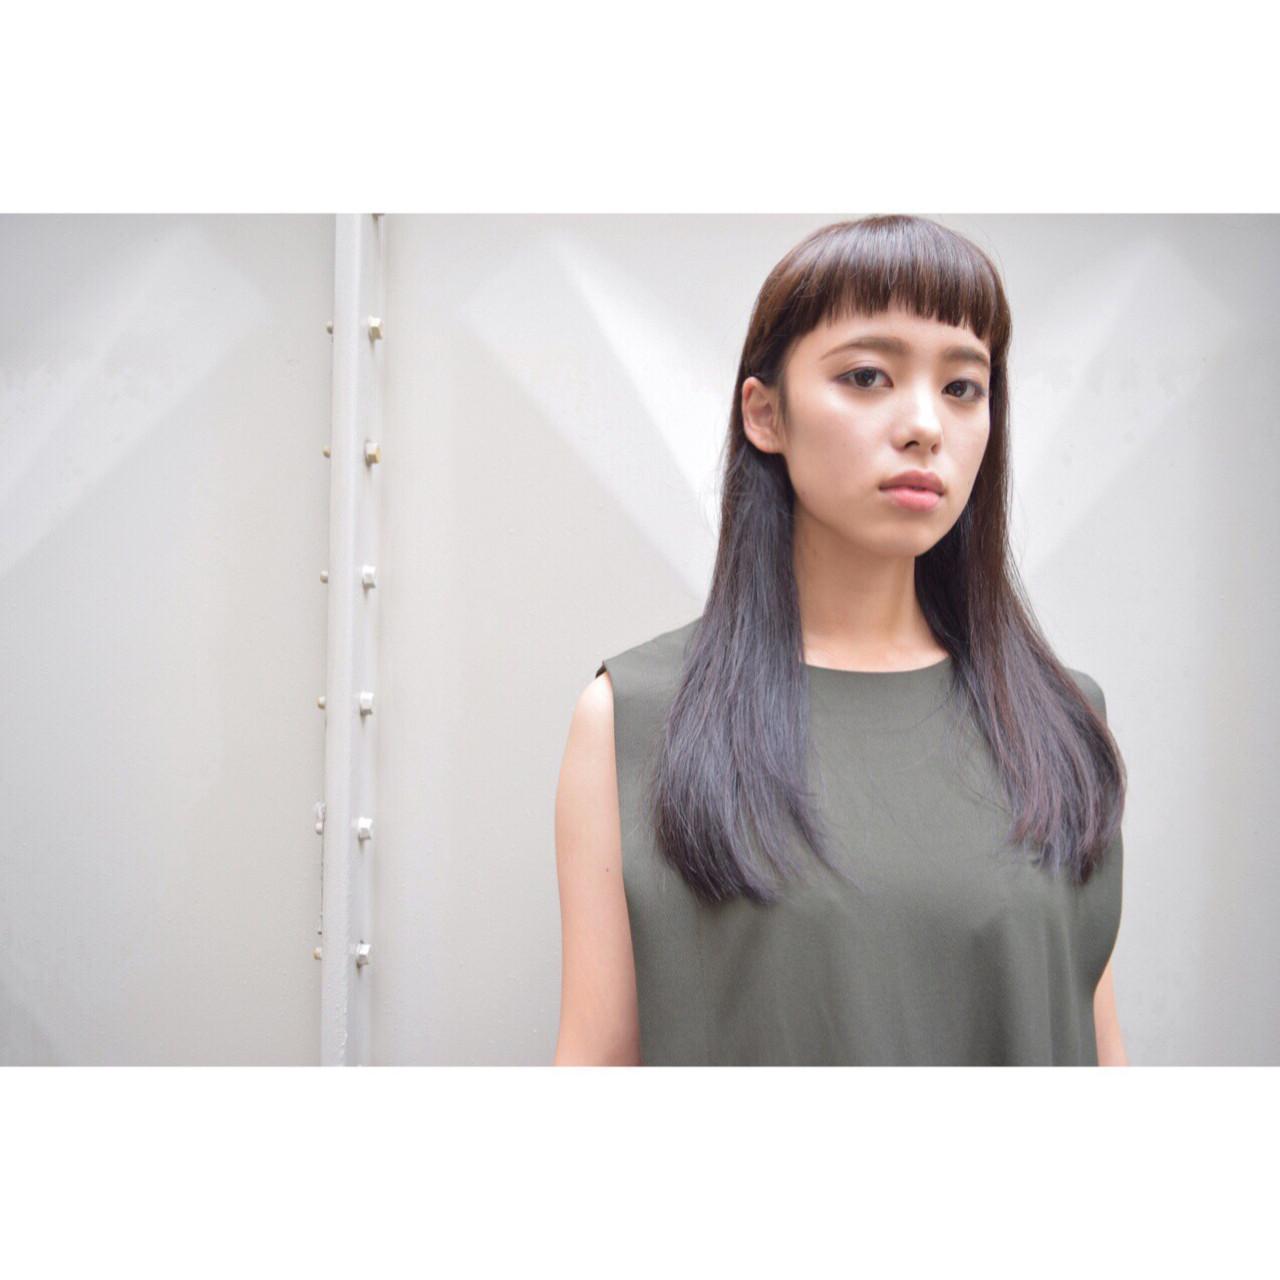 モード ロング ナチュラル オン眉 ヘアスタイルや髪型の写真・画像